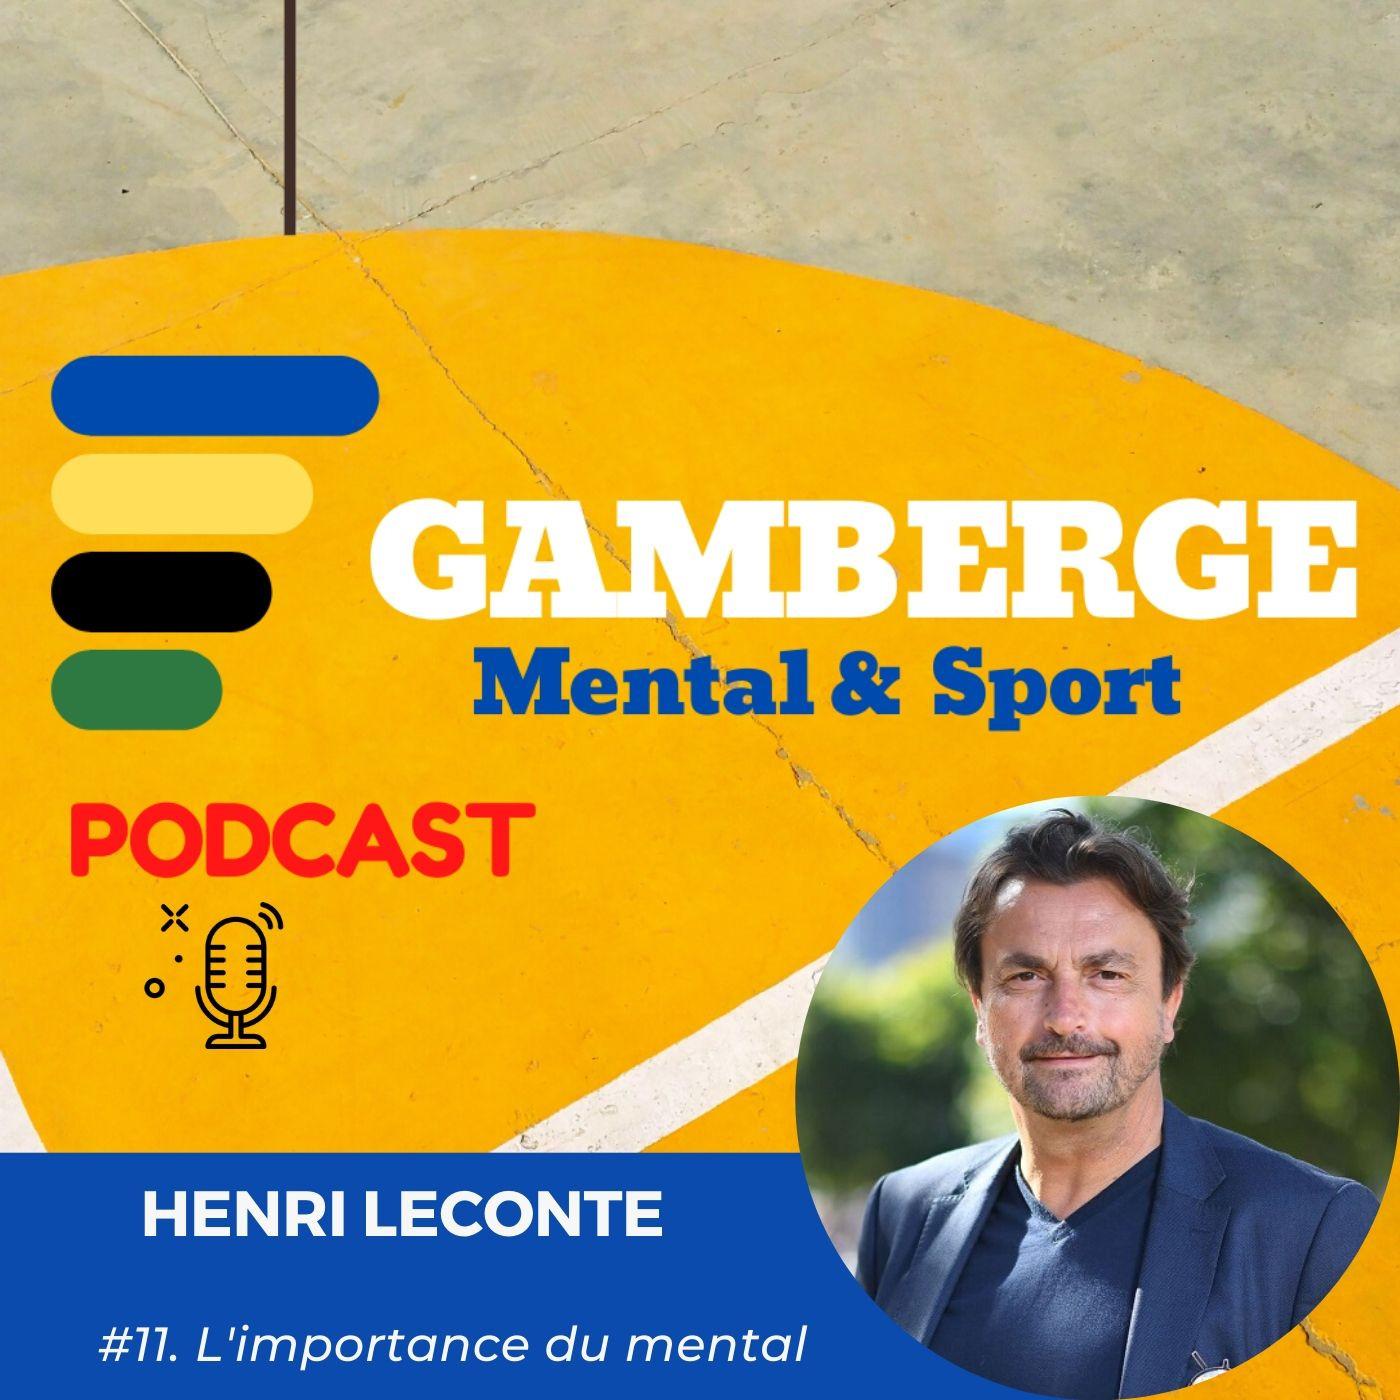 #11. Henri Leconte: L'importance du mental